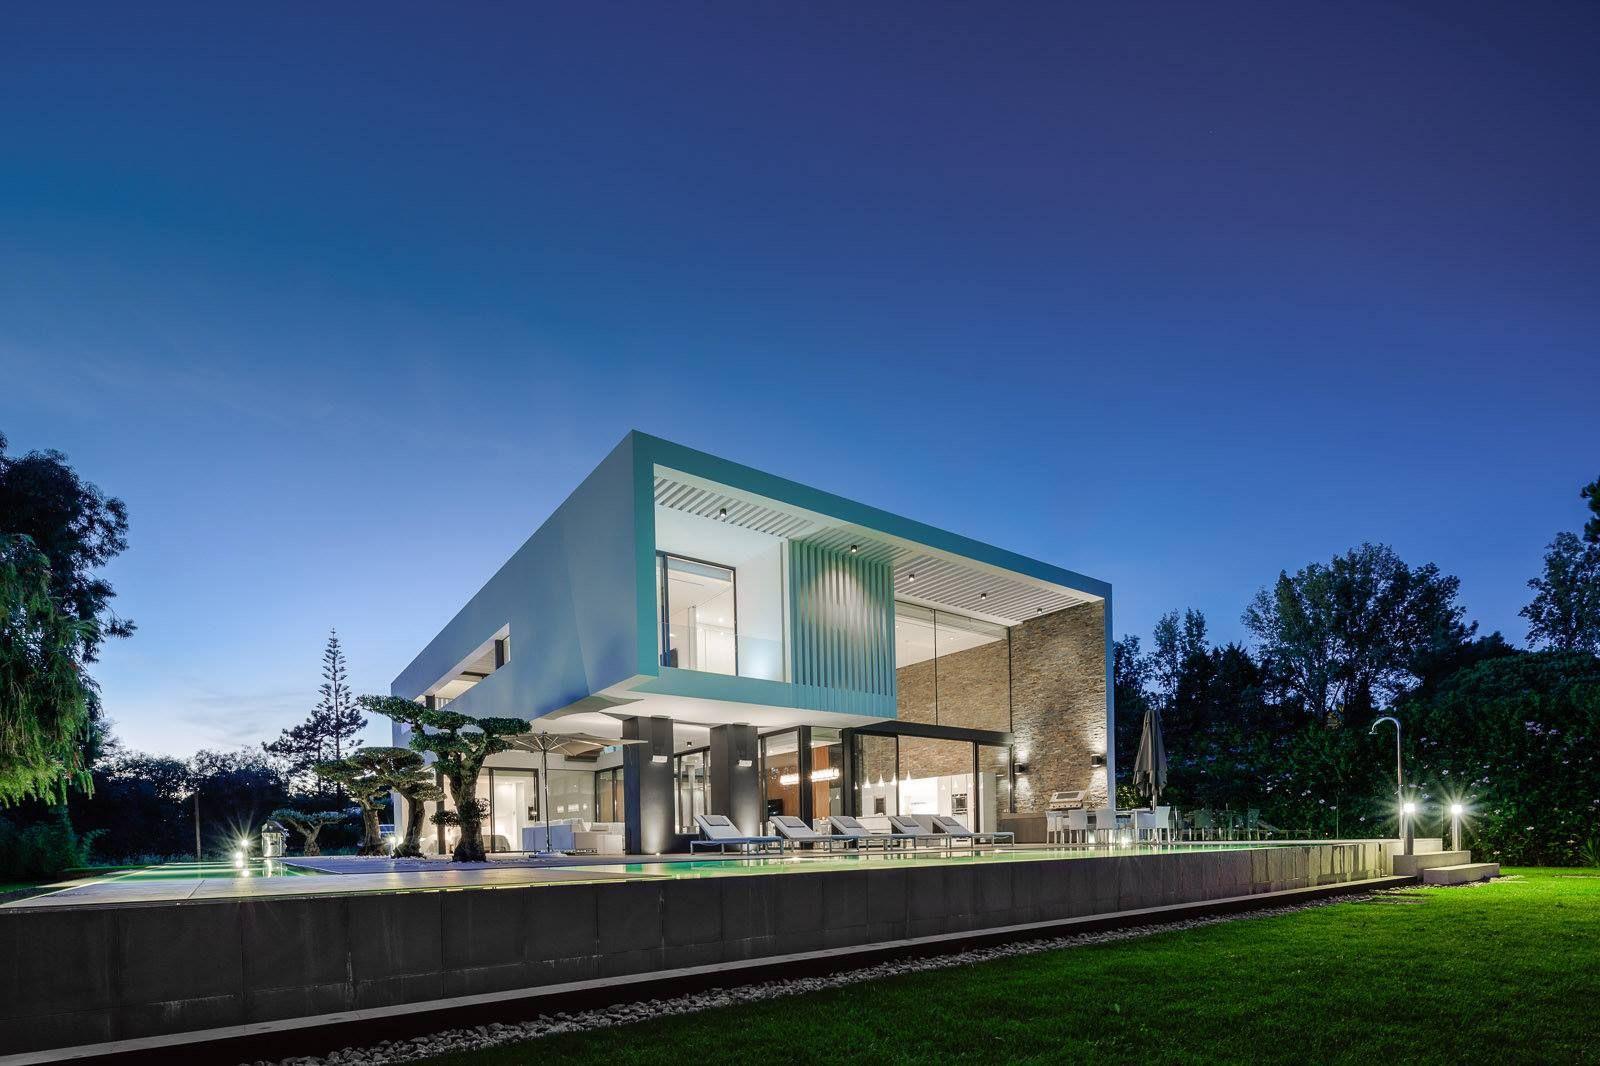 arquitecto vasco vieira nomeado em 2 categorias no international